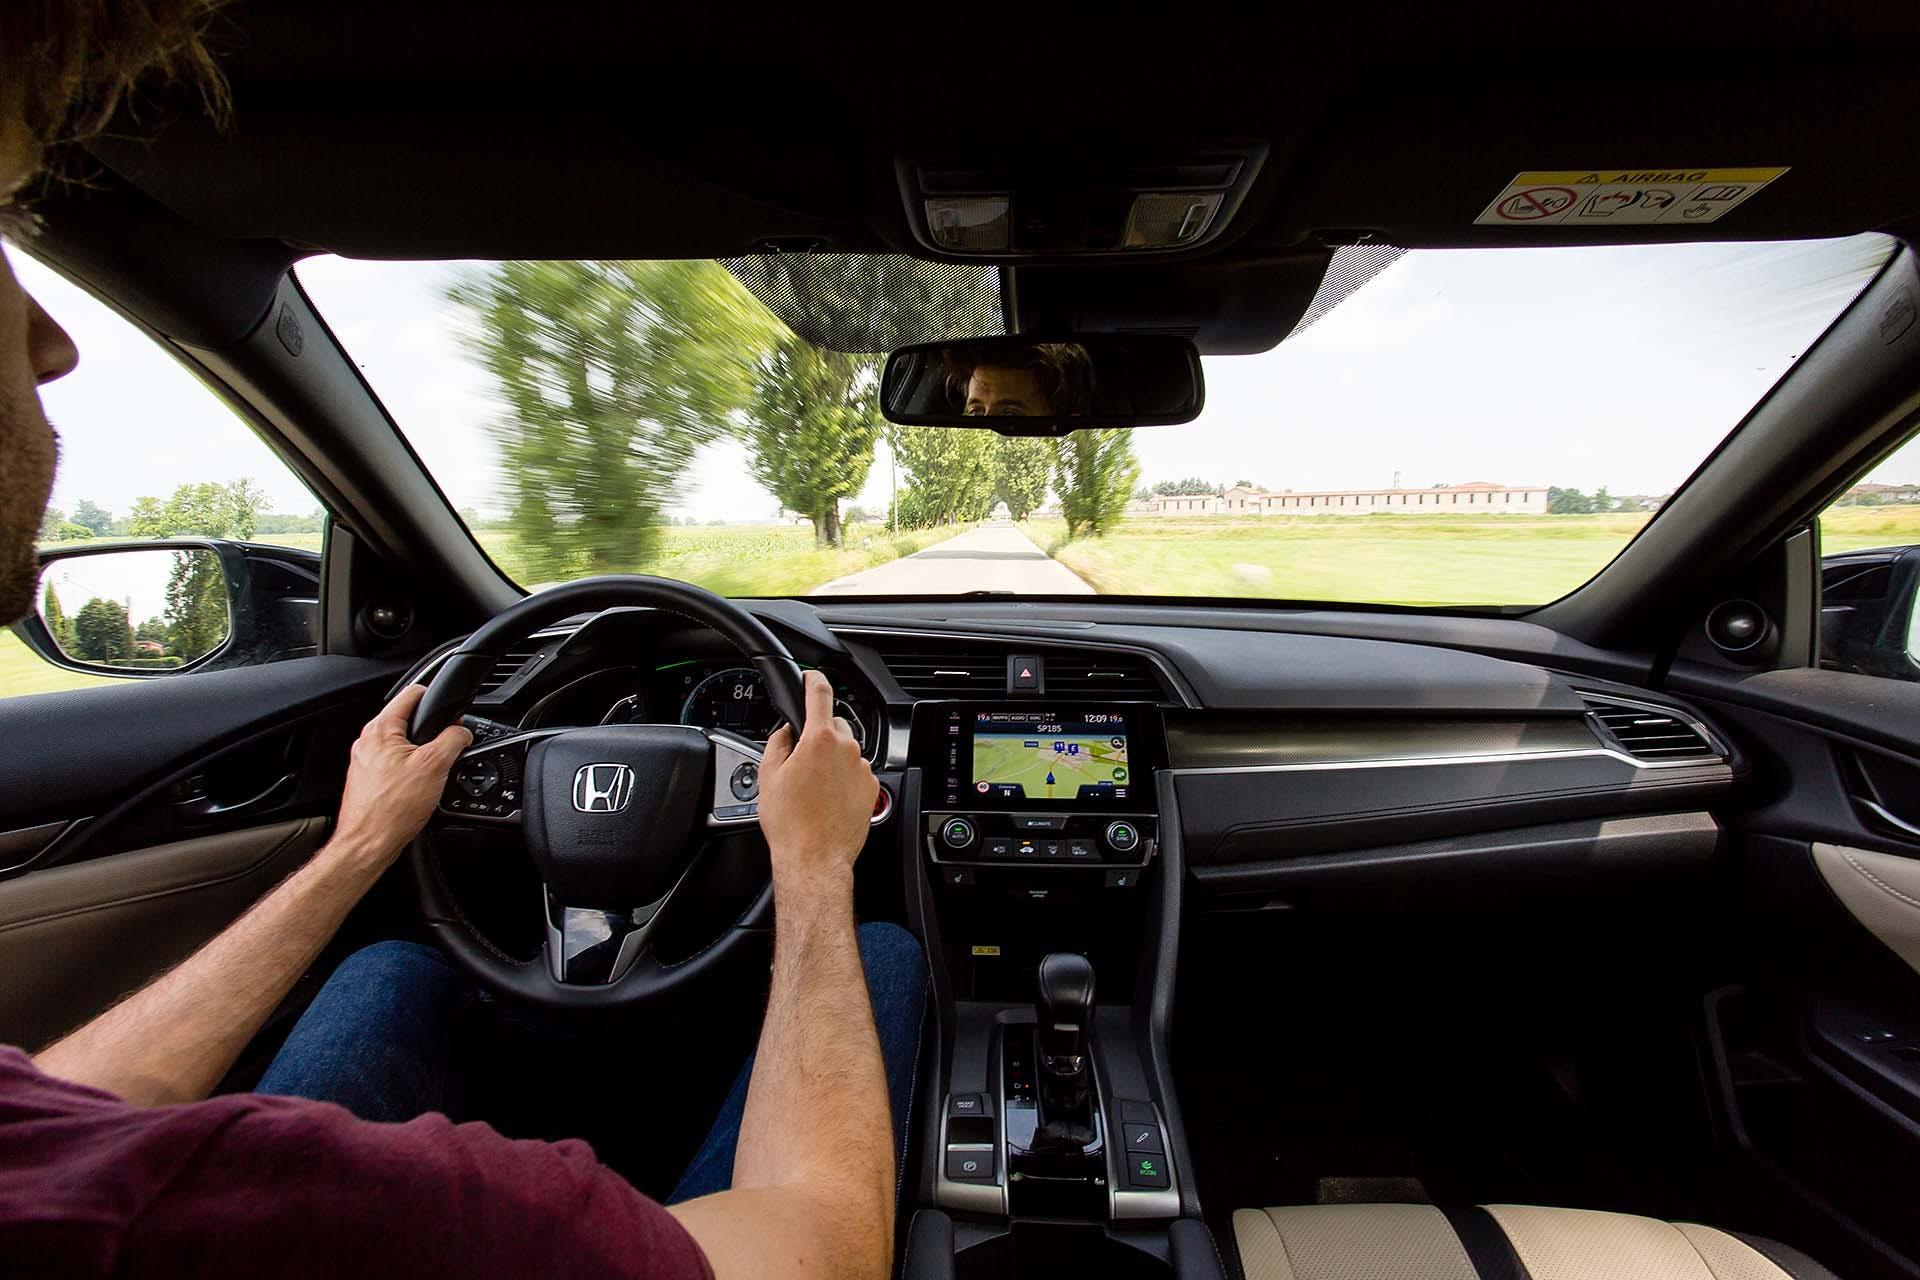 Honda Civic 1.5 Turbo VTEC Prestige CVT - on board